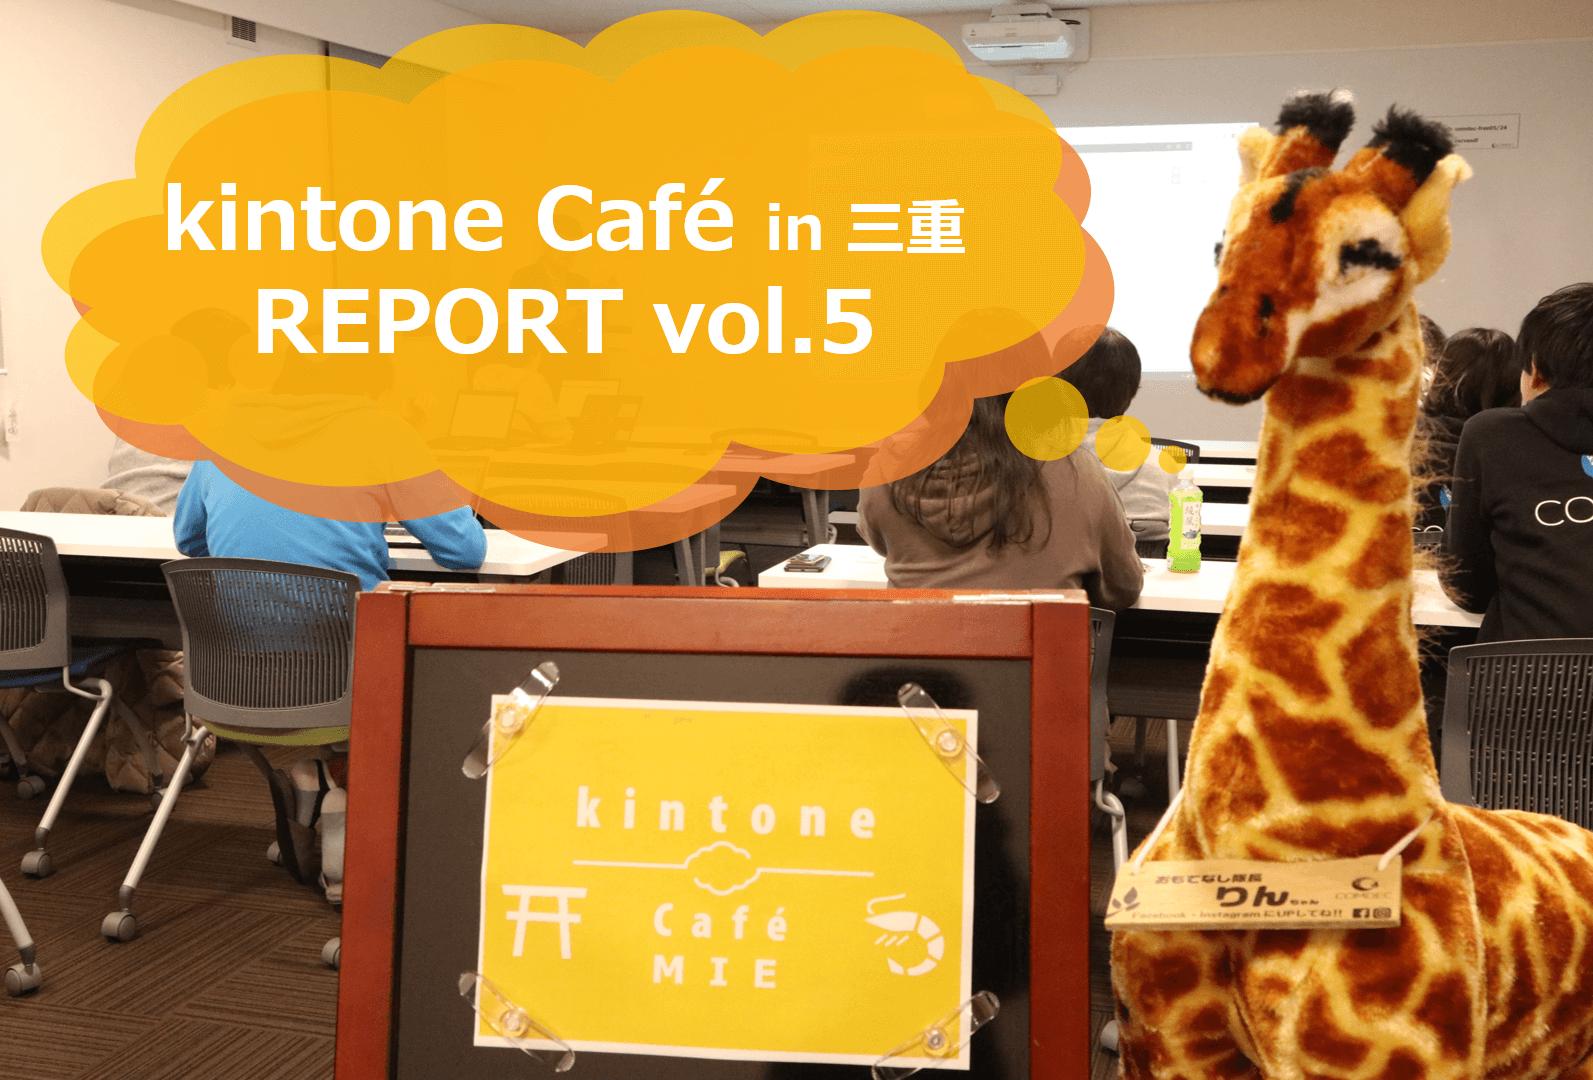 kintone Café(キントーンカフェ)三重Vol.5に参加してきました